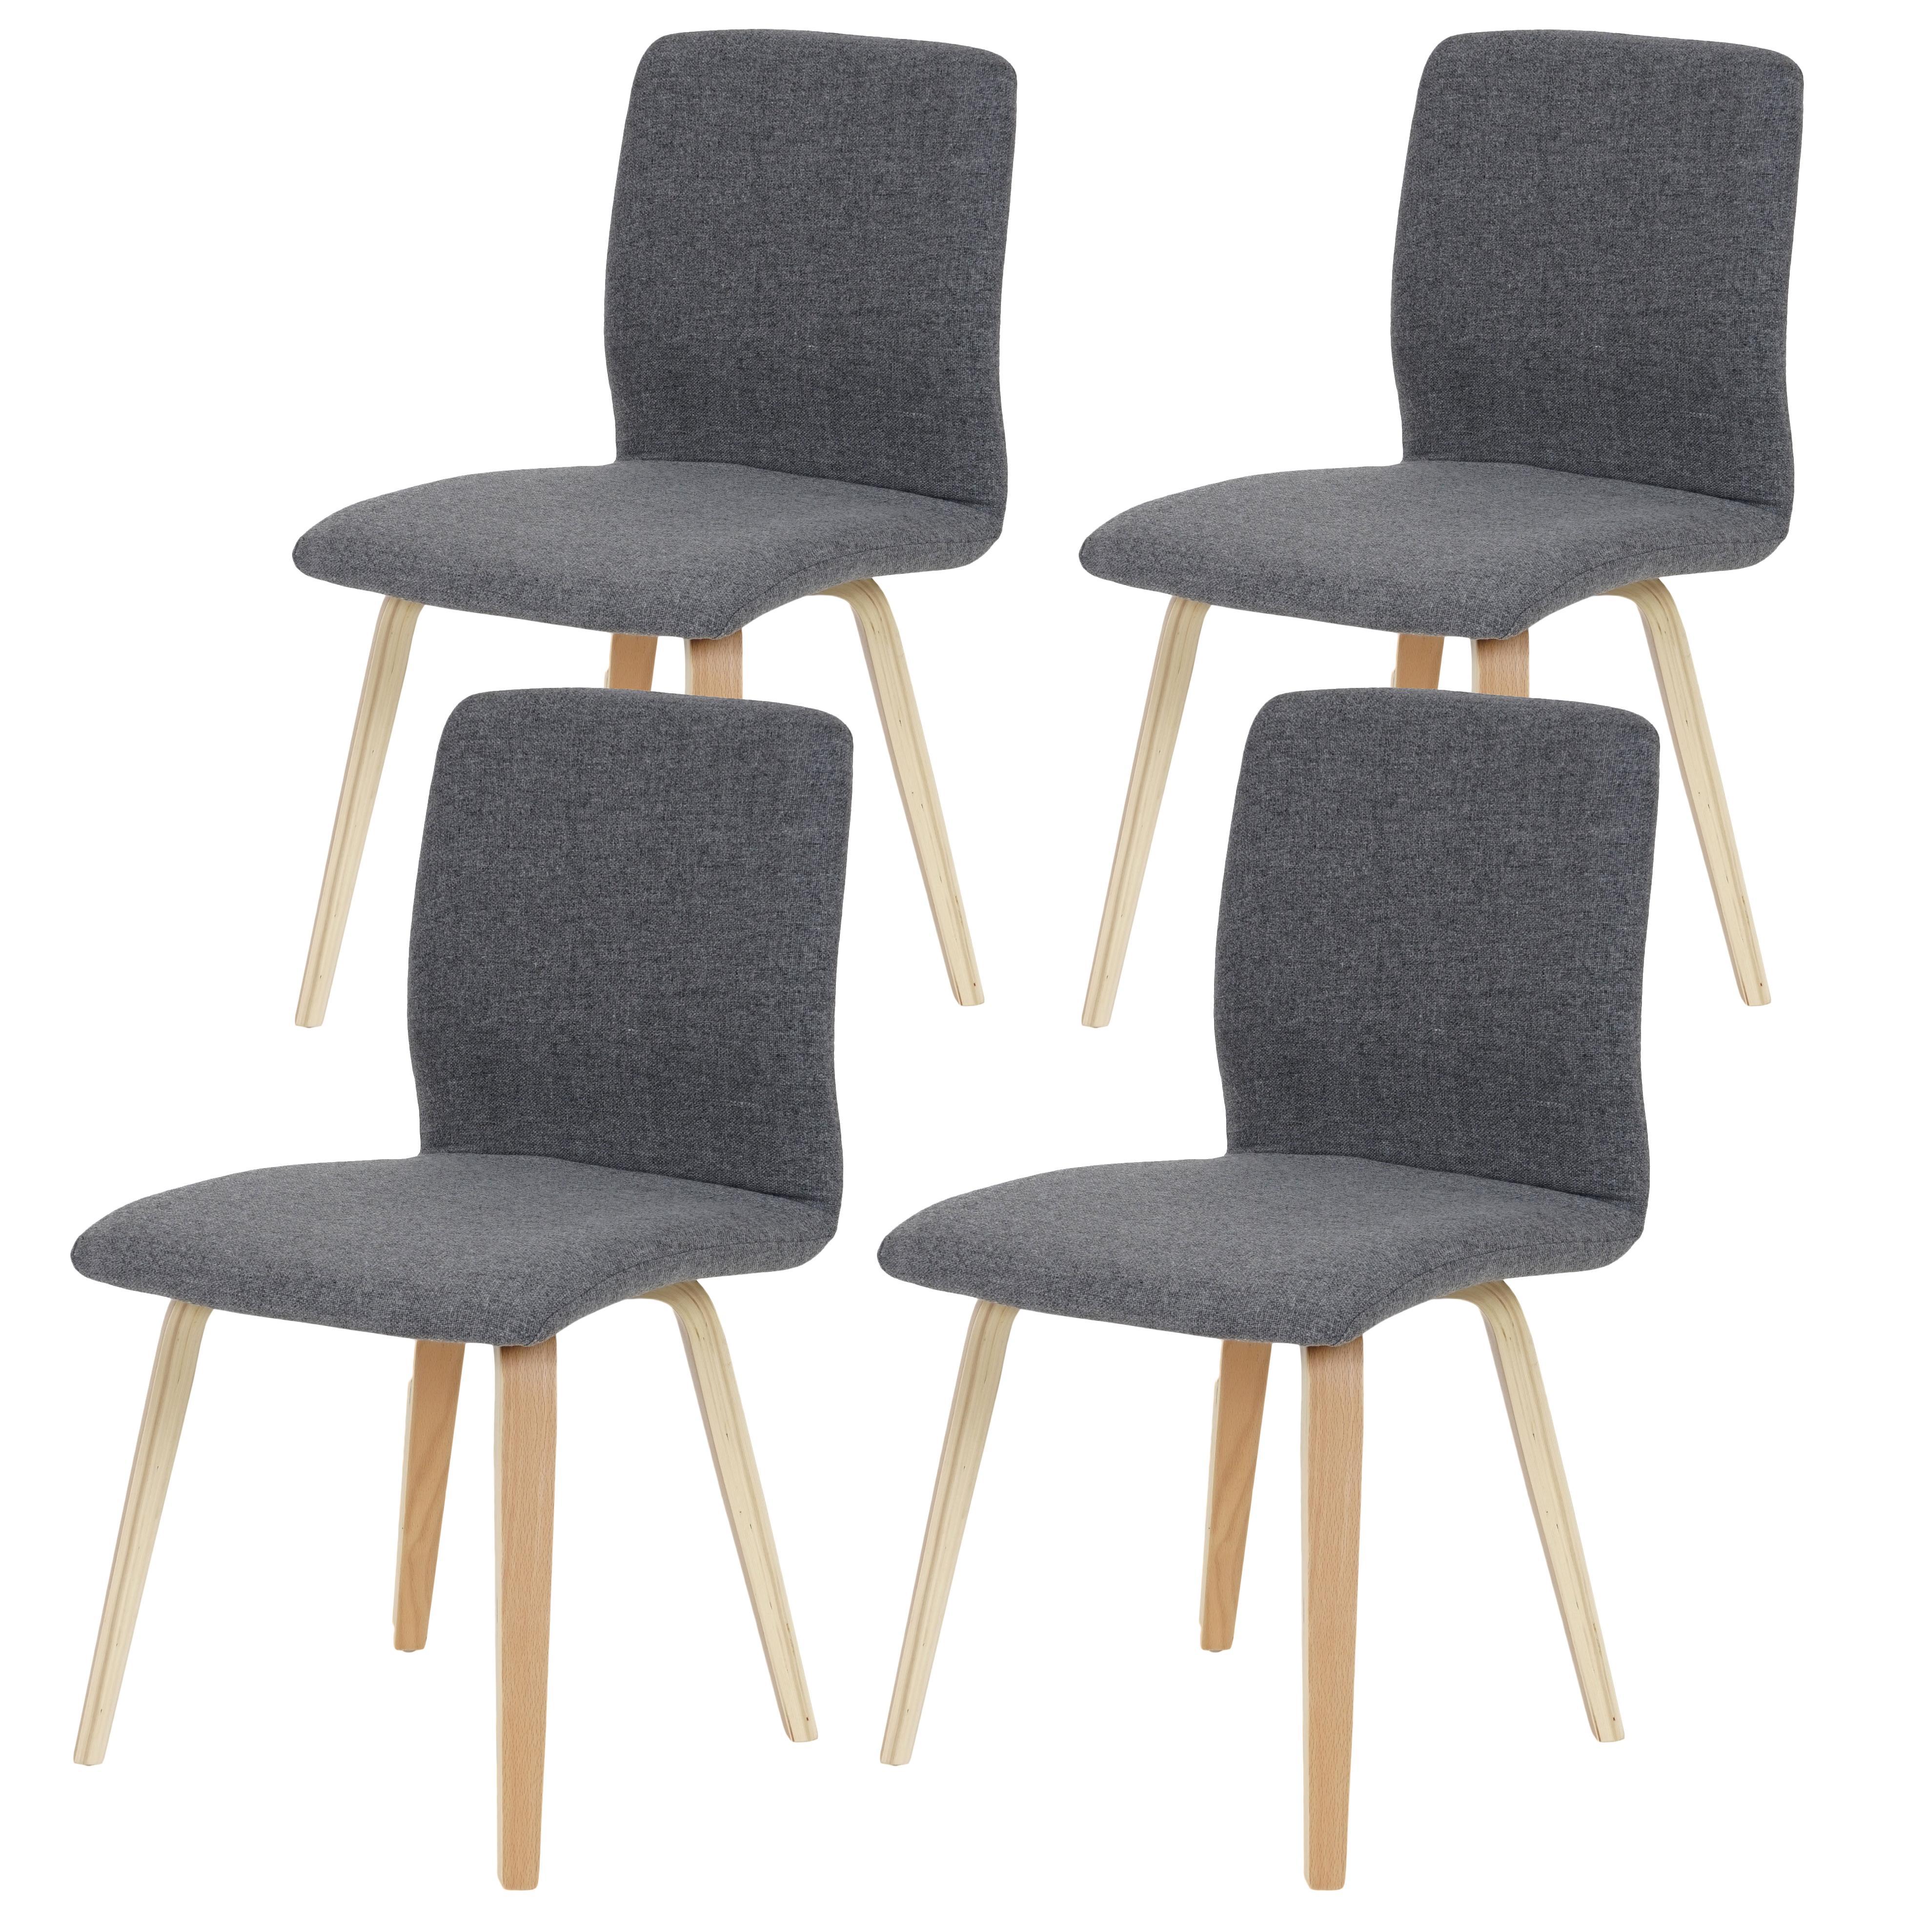 lote sillas de cocina o comedor dusty estructura y patas en madera de haya